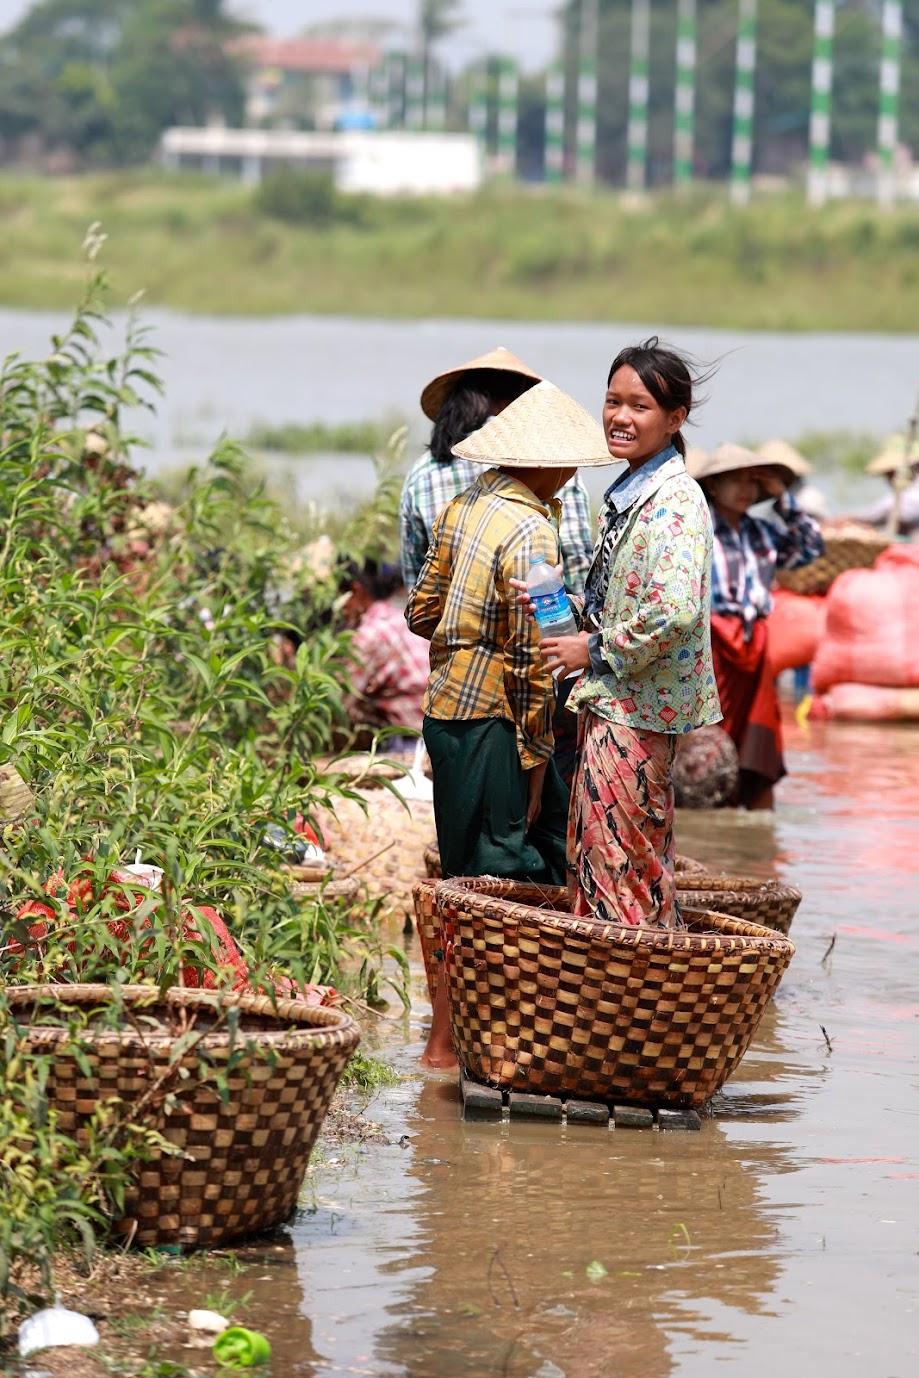 16일. 돈 보다는 사람이, 경쟁보다는 배려가 있는 미얀마를 위하여